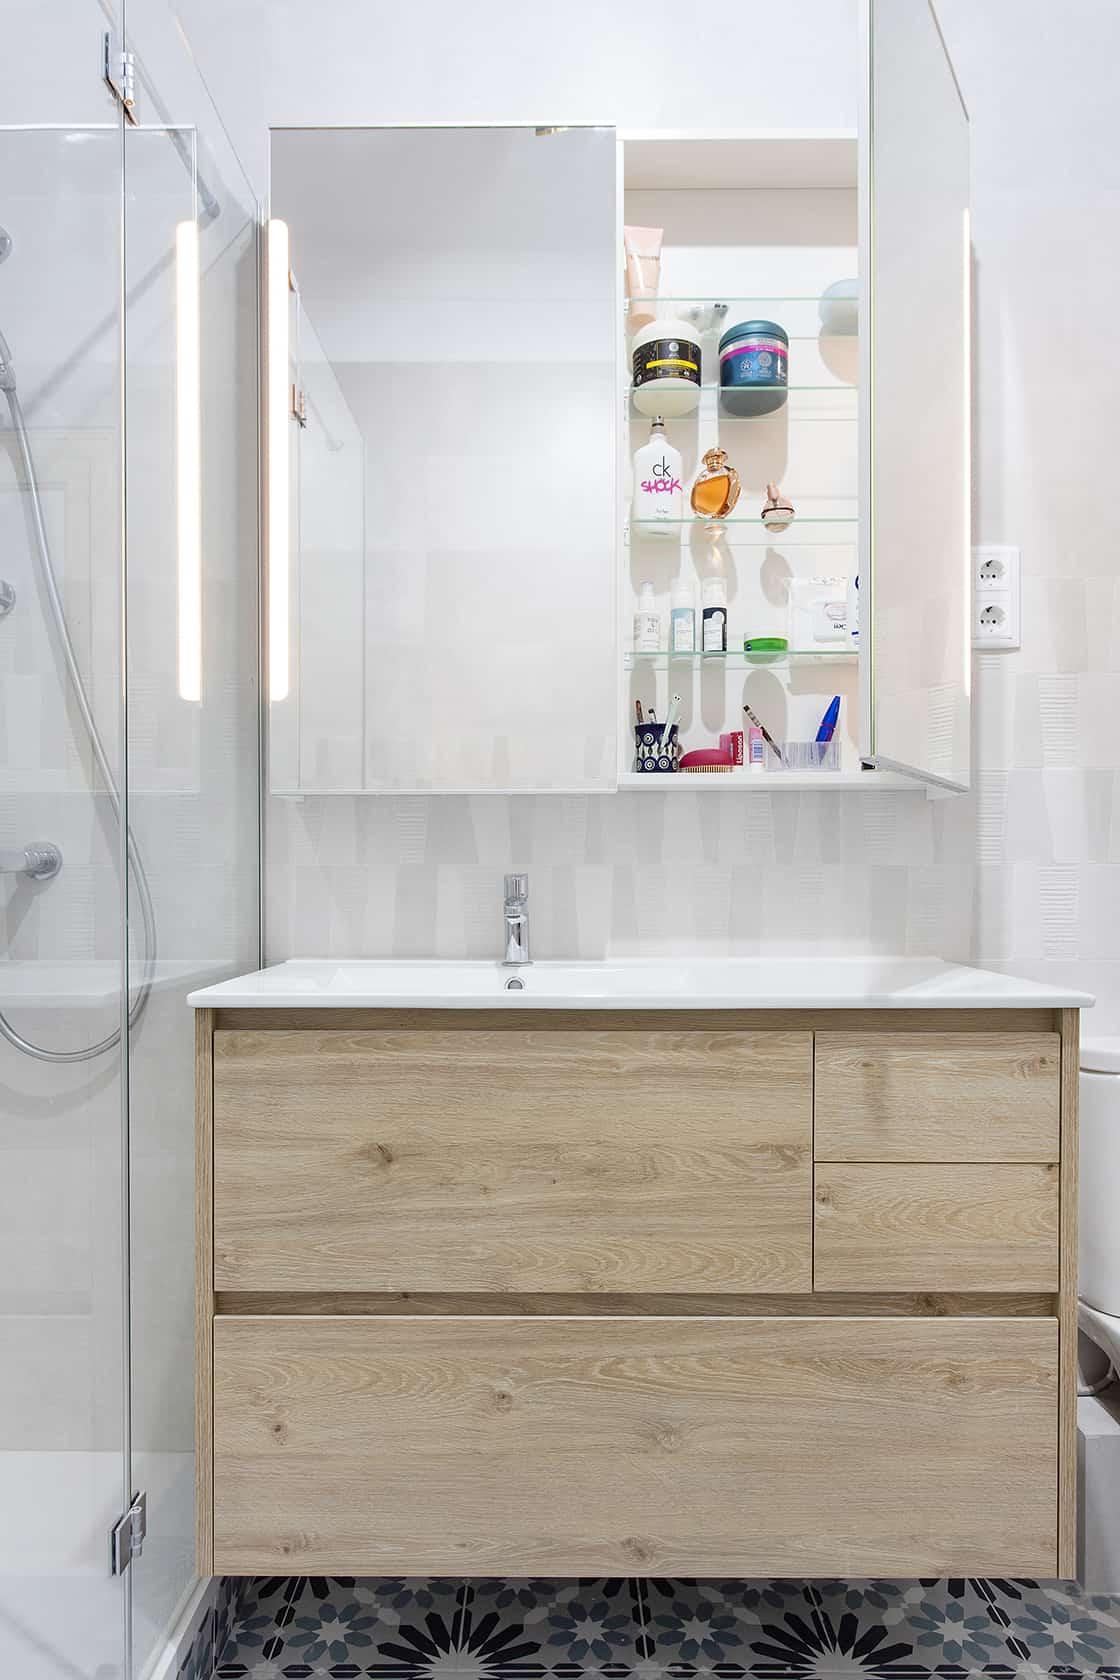 baño con almacenamiento